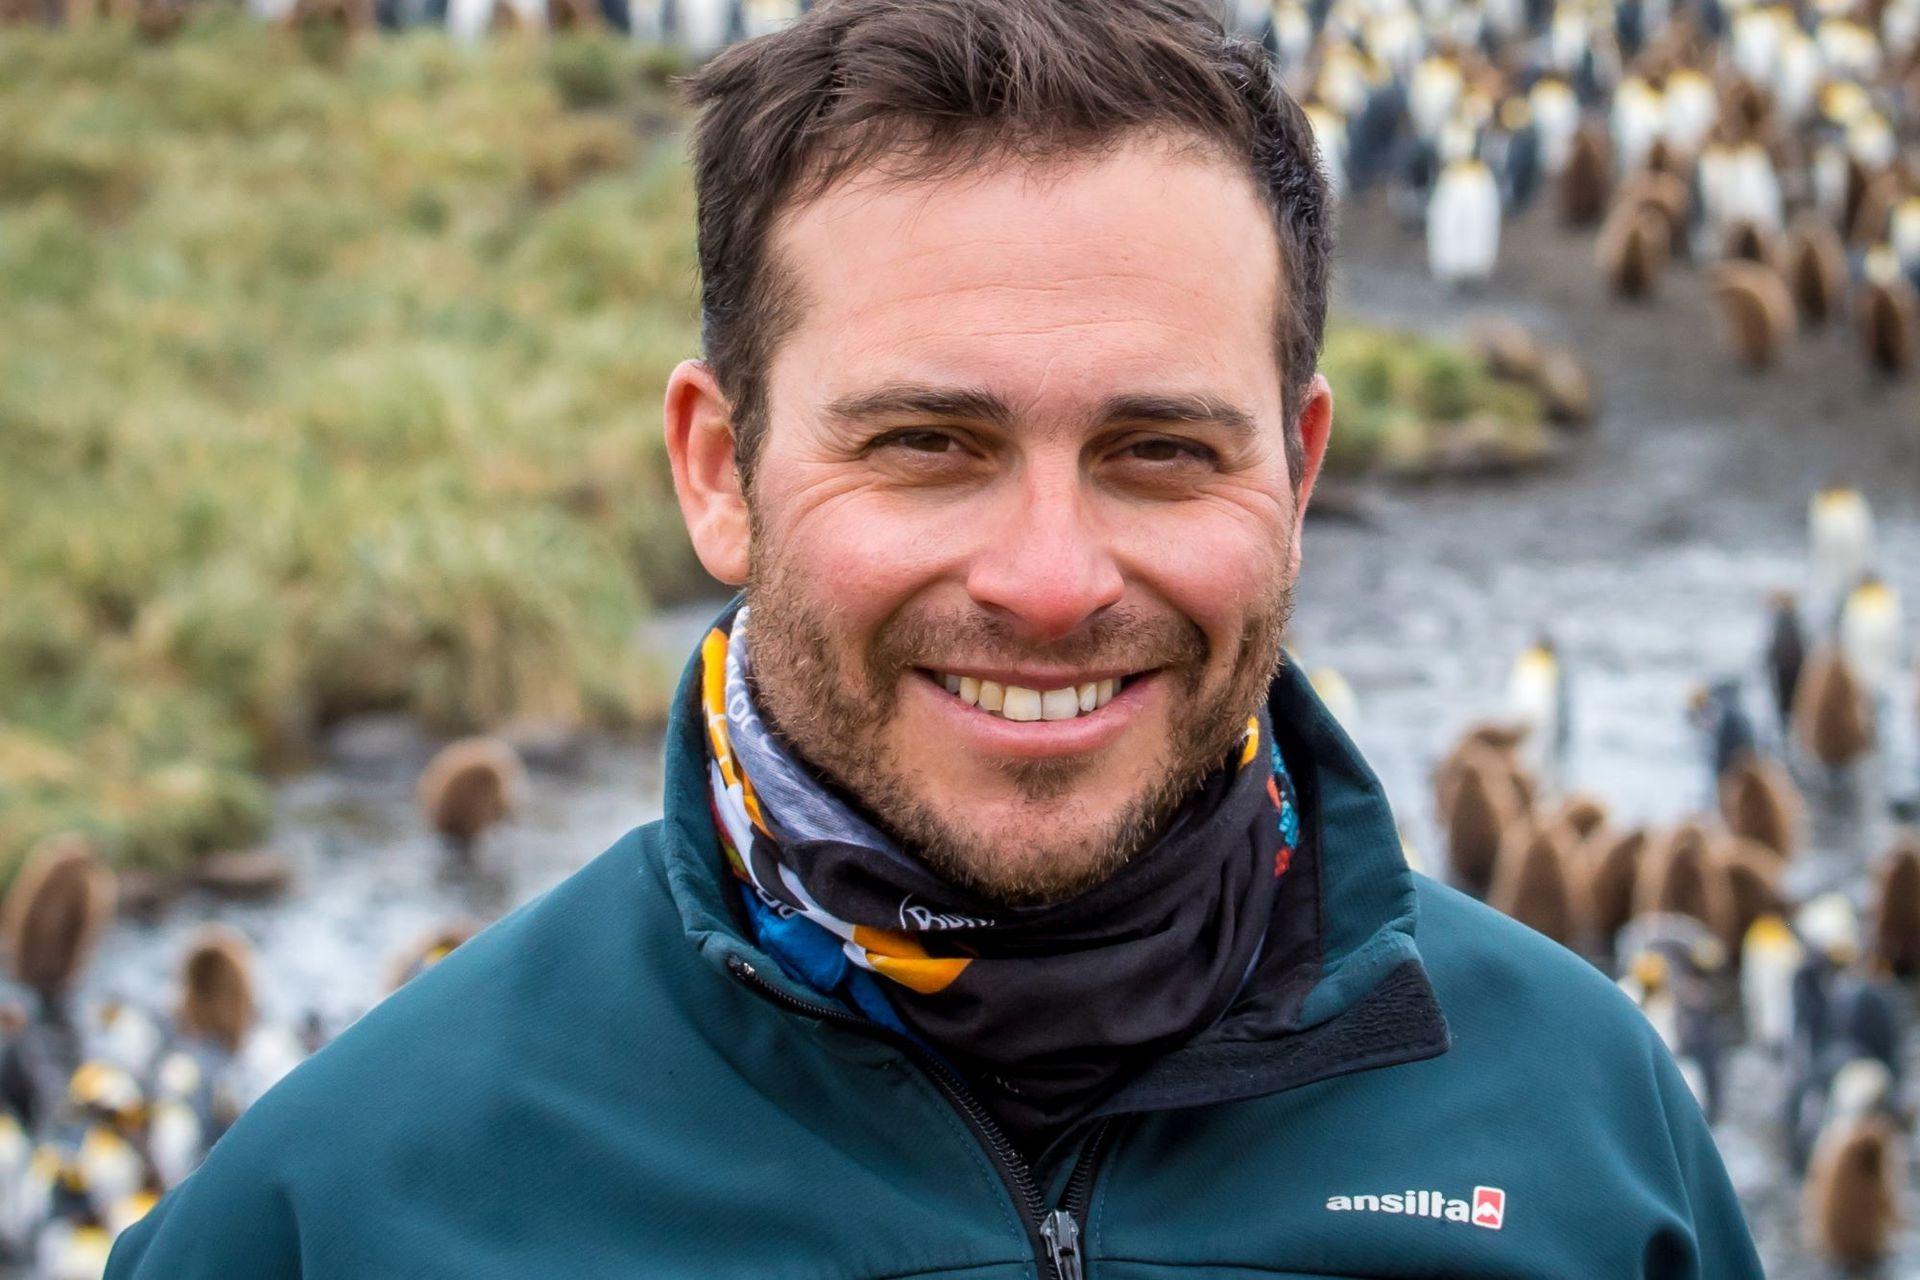 Federico Gargiulo, aventurero y guía de expediciones, vive entre la Antártida y el Ártico